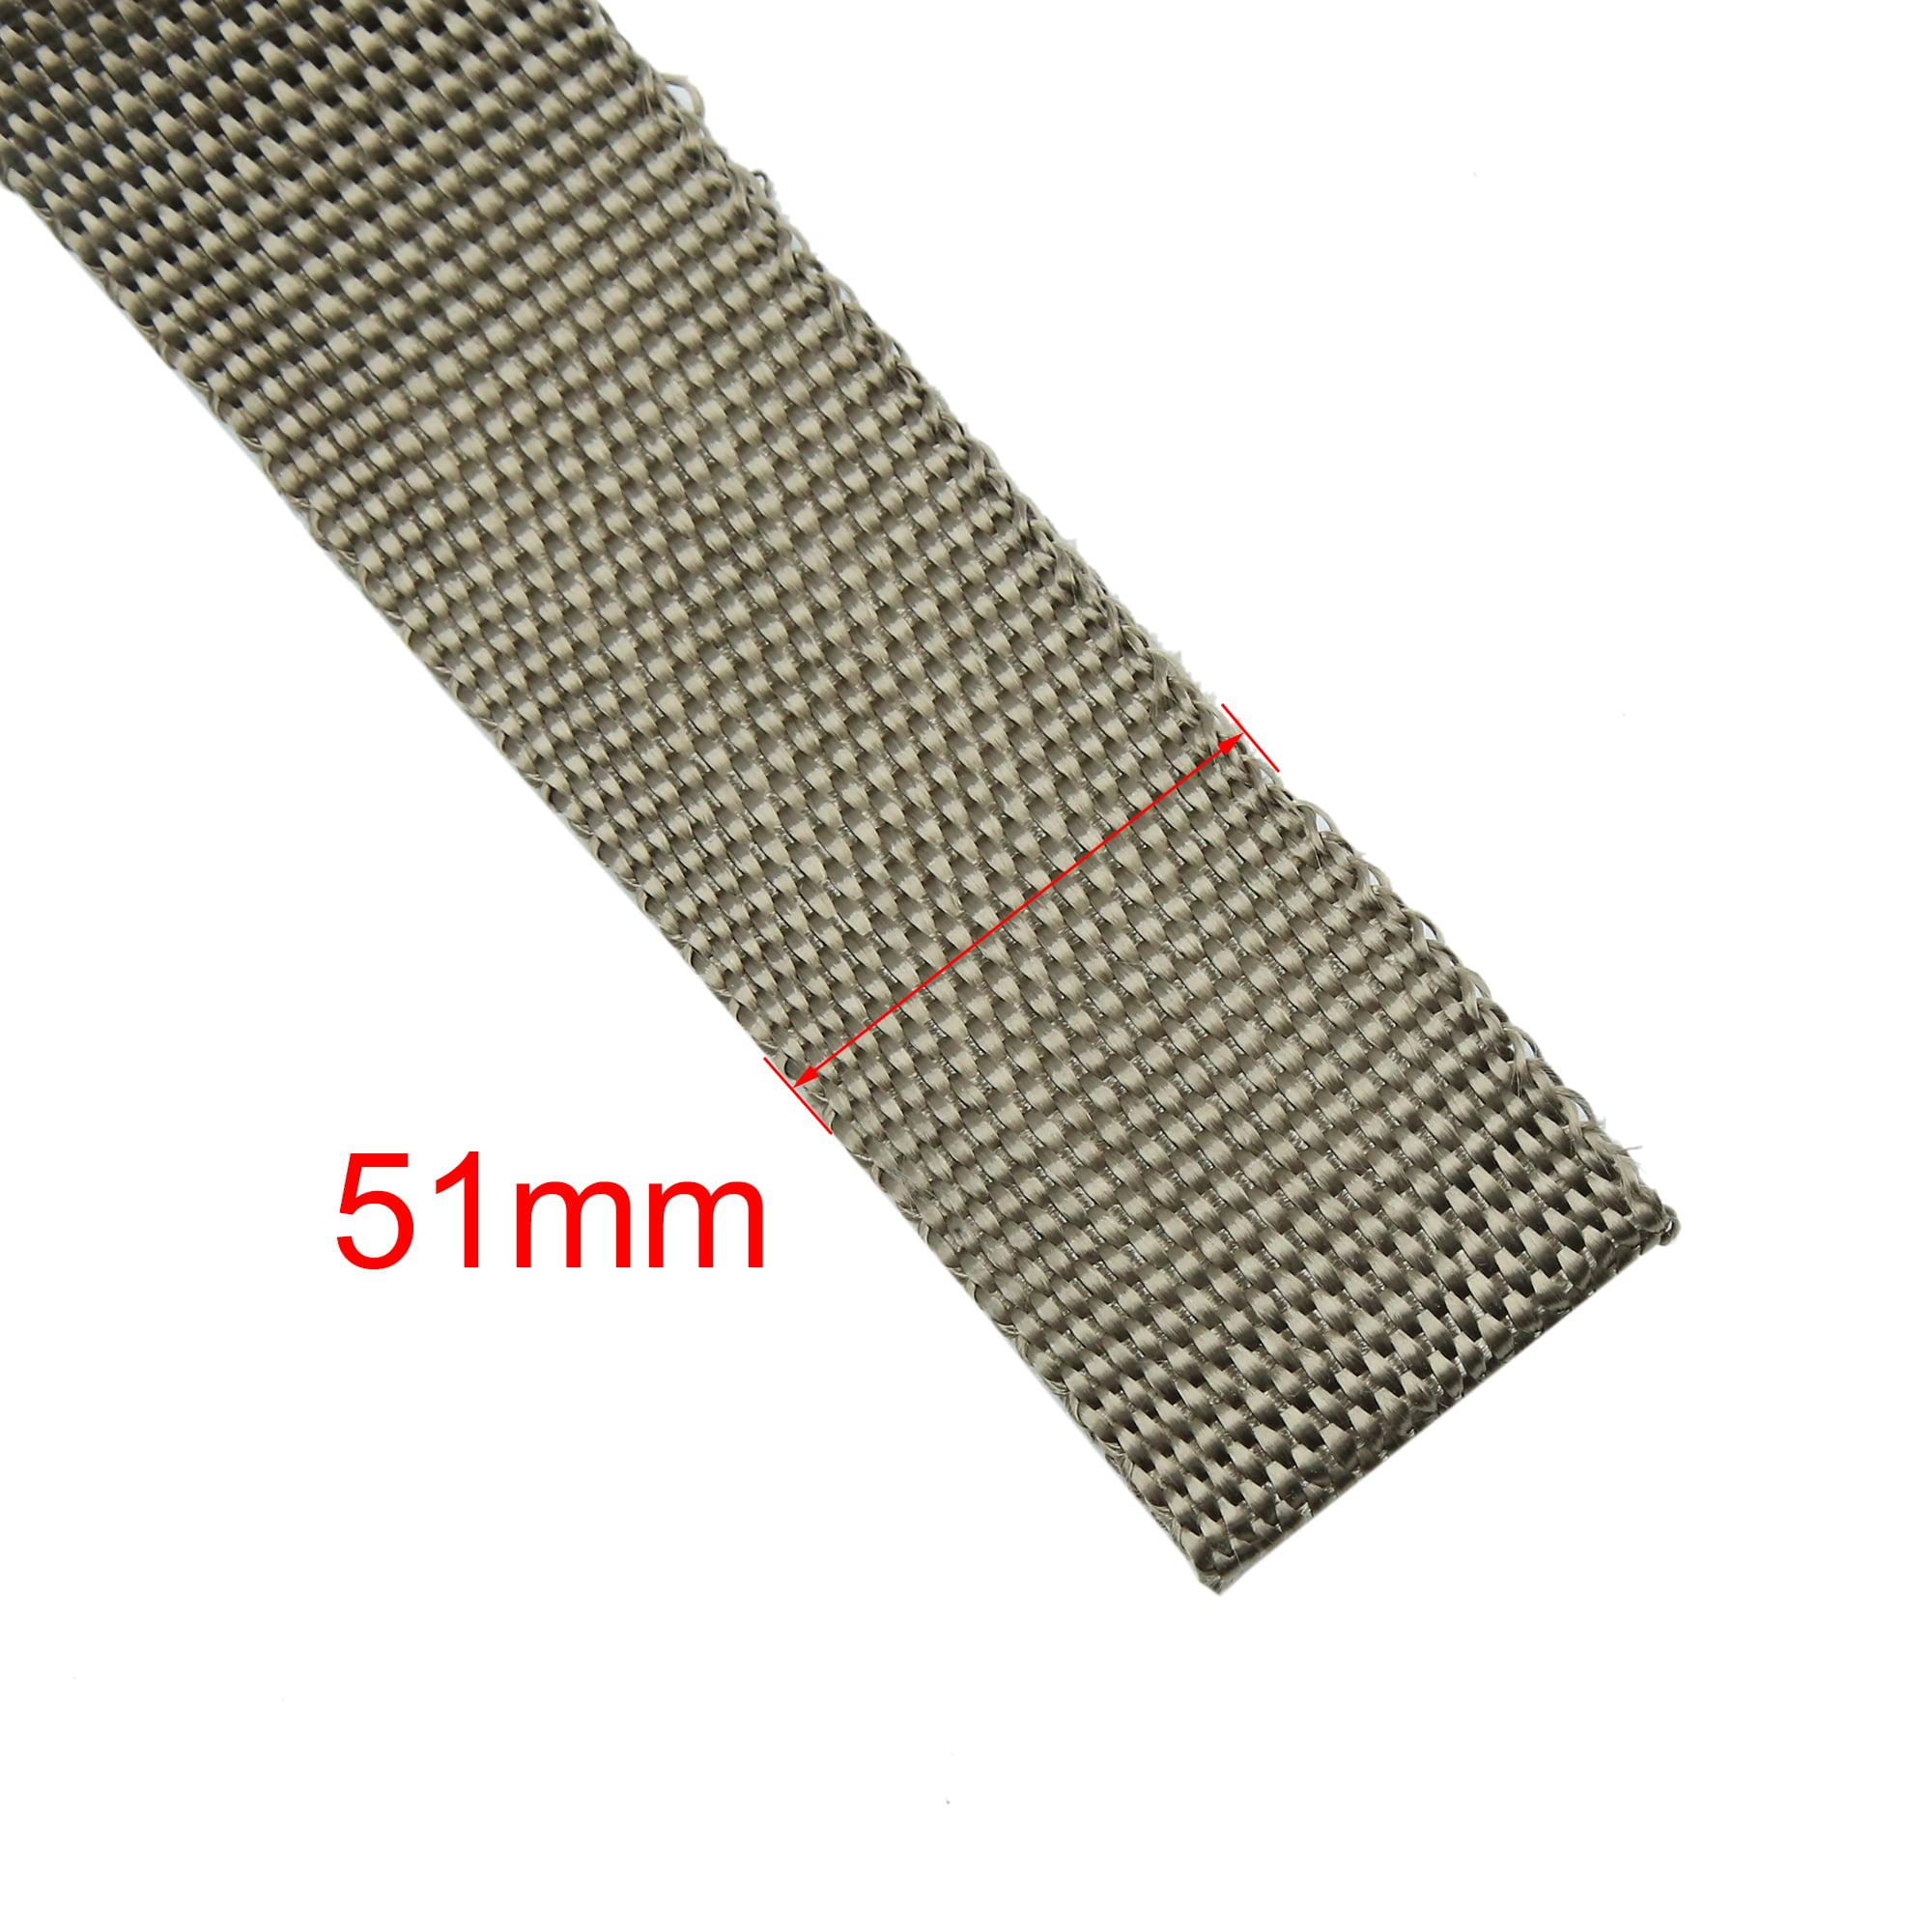 7.5M Titanium Fiber Exhaust Heat Insulating Wrap Sealing Tape for Car - image 4 of 5